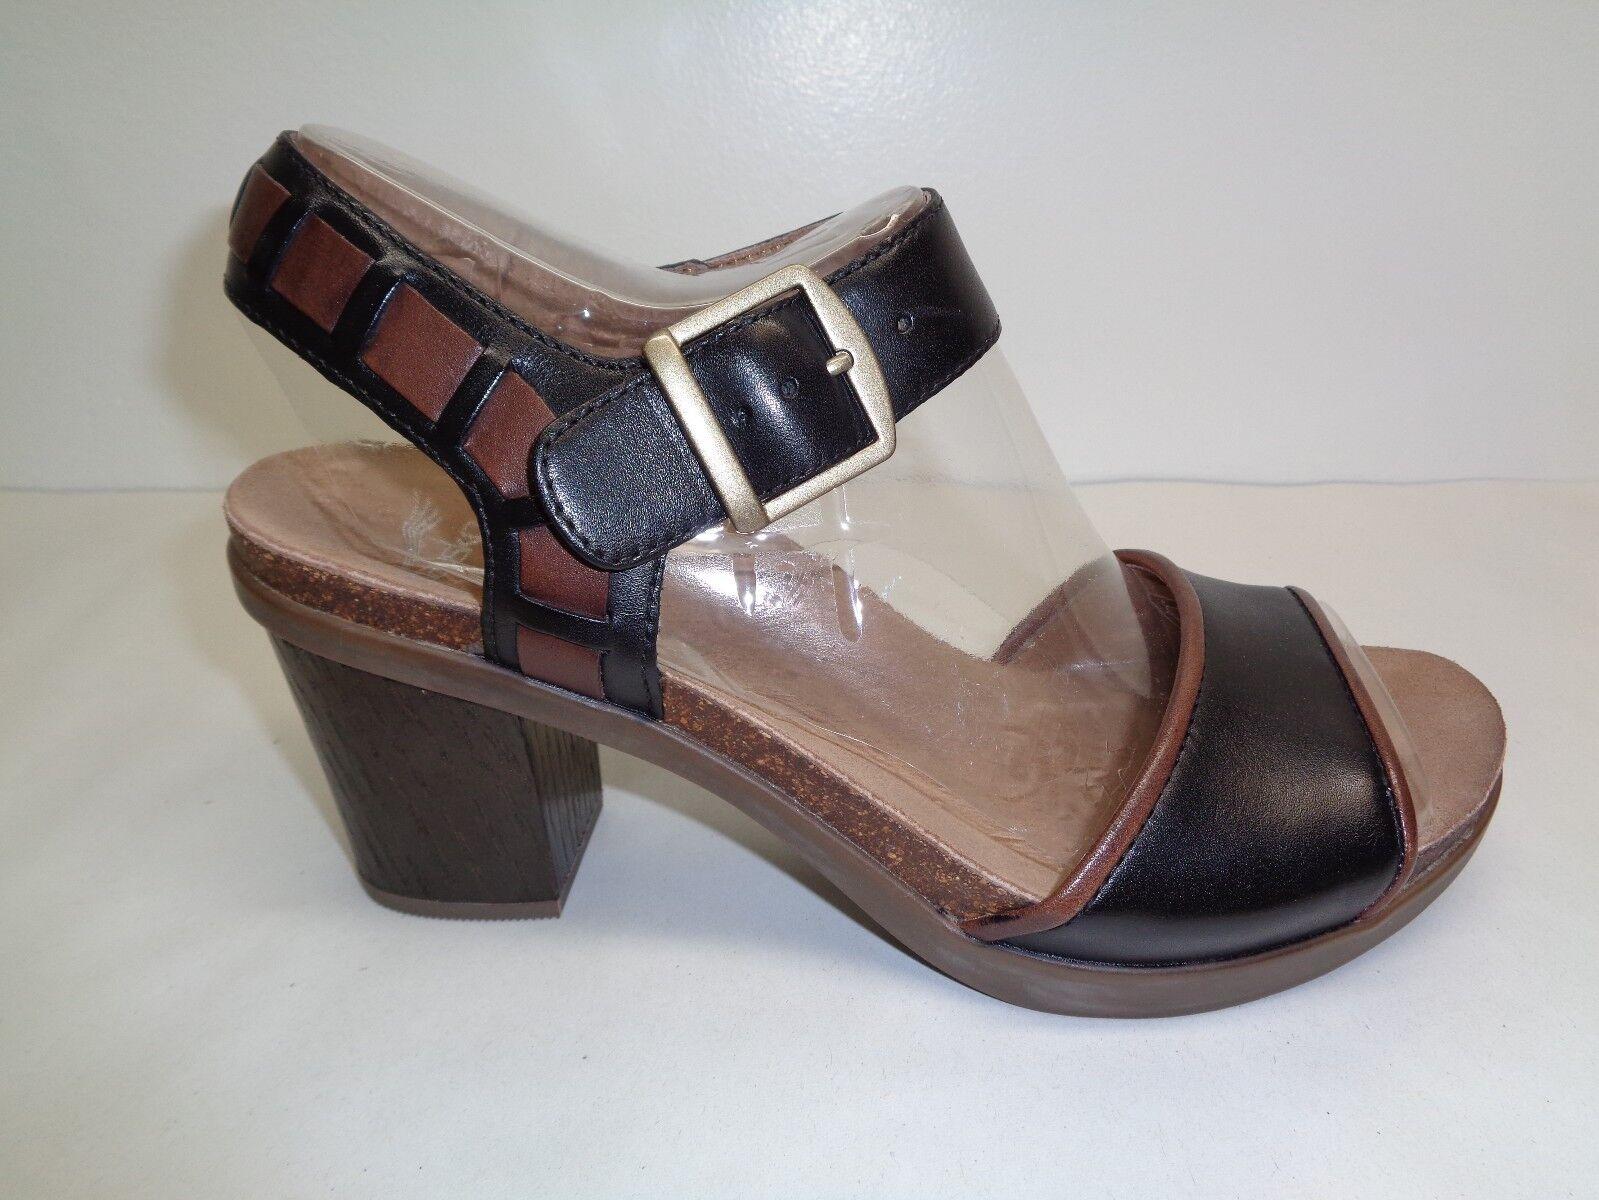 Dansko Dansko Dansko Dimensione 7.5 to 8 DEBBY FULL GRAIN nero Leather Sandals New donna scarpe 31fd3b